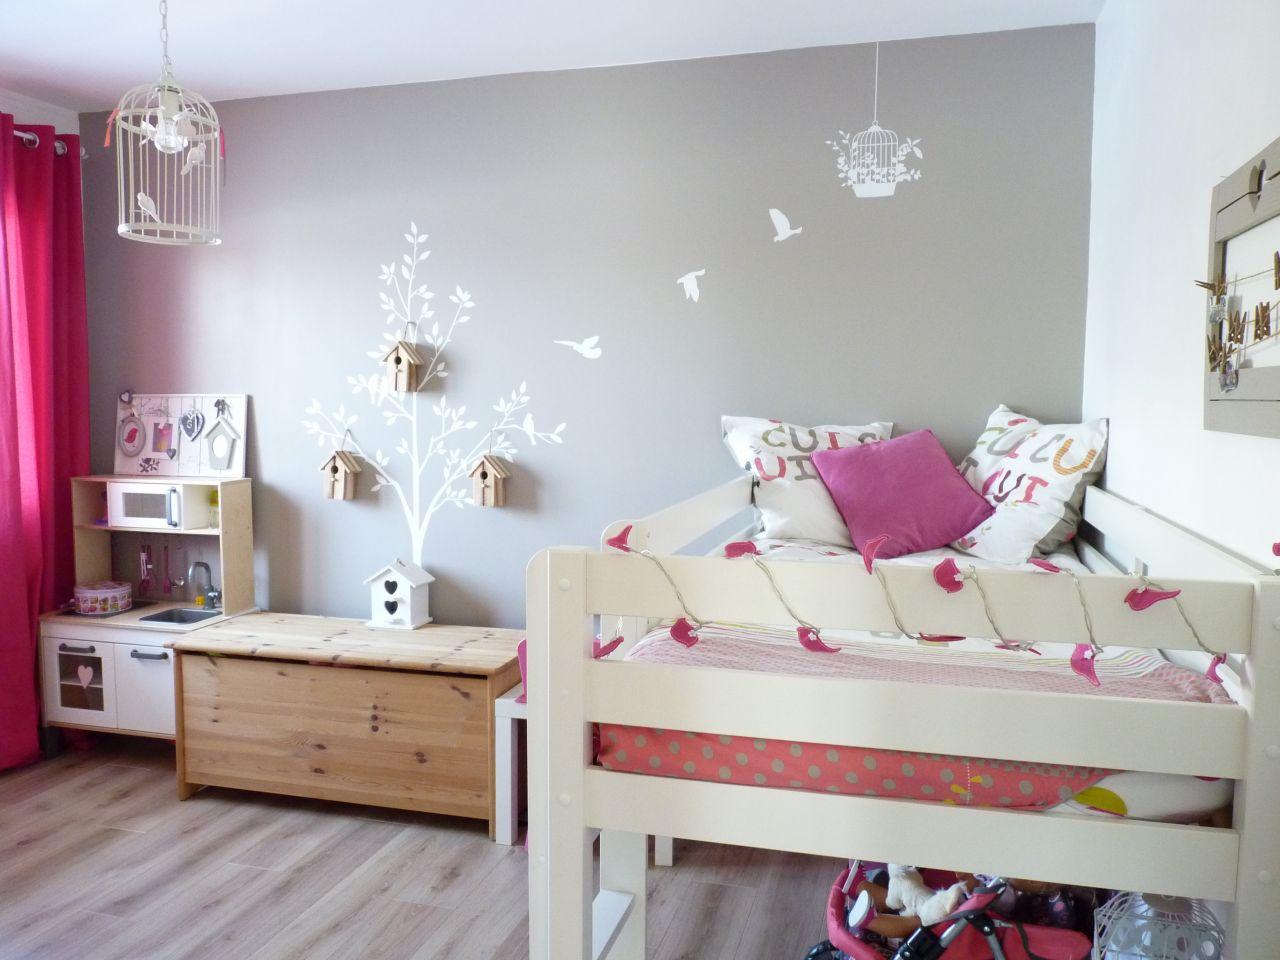 Chambre d'enfant teintes murales blanches - Savoie (73) - février 2015